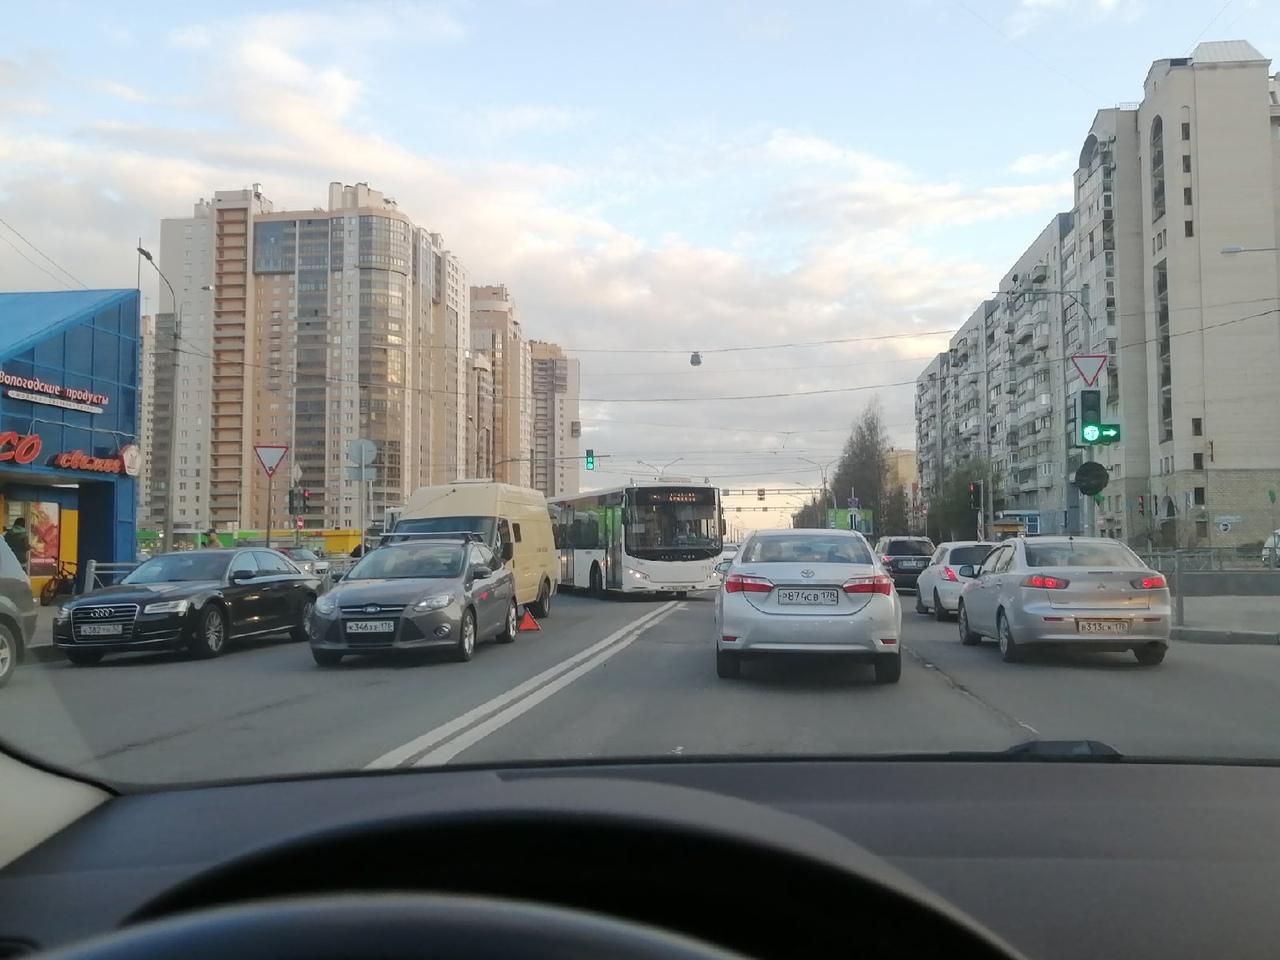 ДТП на пересечение Савушкина и Яхтенной. Там похоже инкассатор догнал форда. Проезд по встречной п...